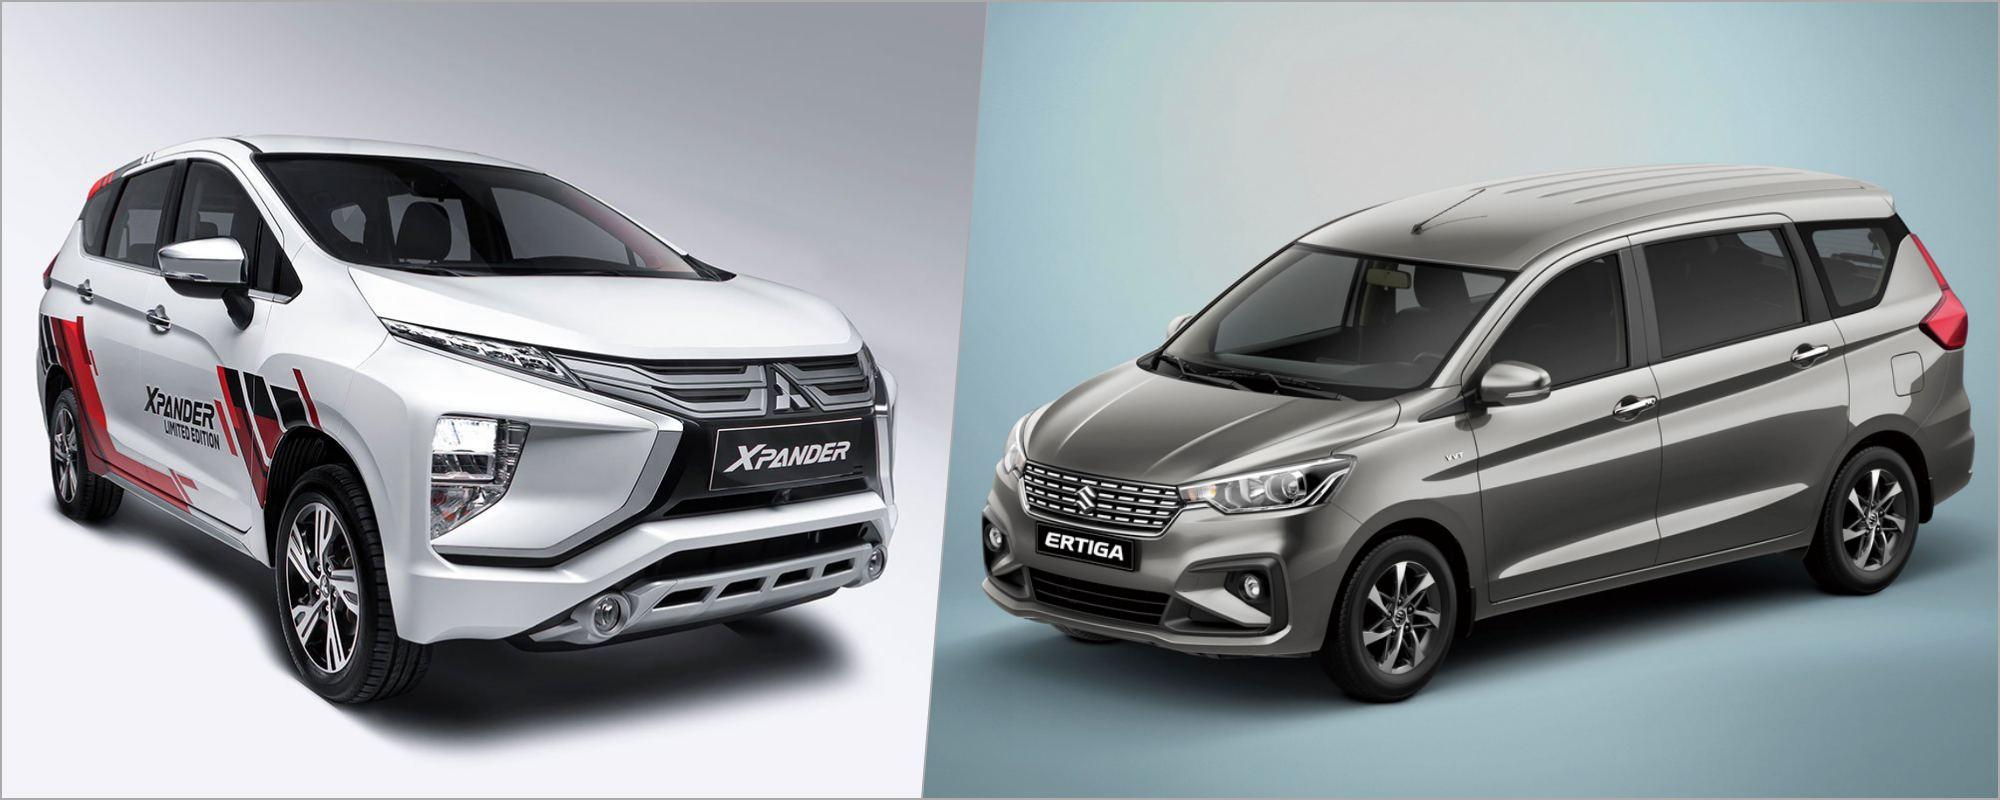 Mitsubishi-Xpander-ban-dac-biet-hay-Suzuki-Ertiga-Sport-anh-1.jpg